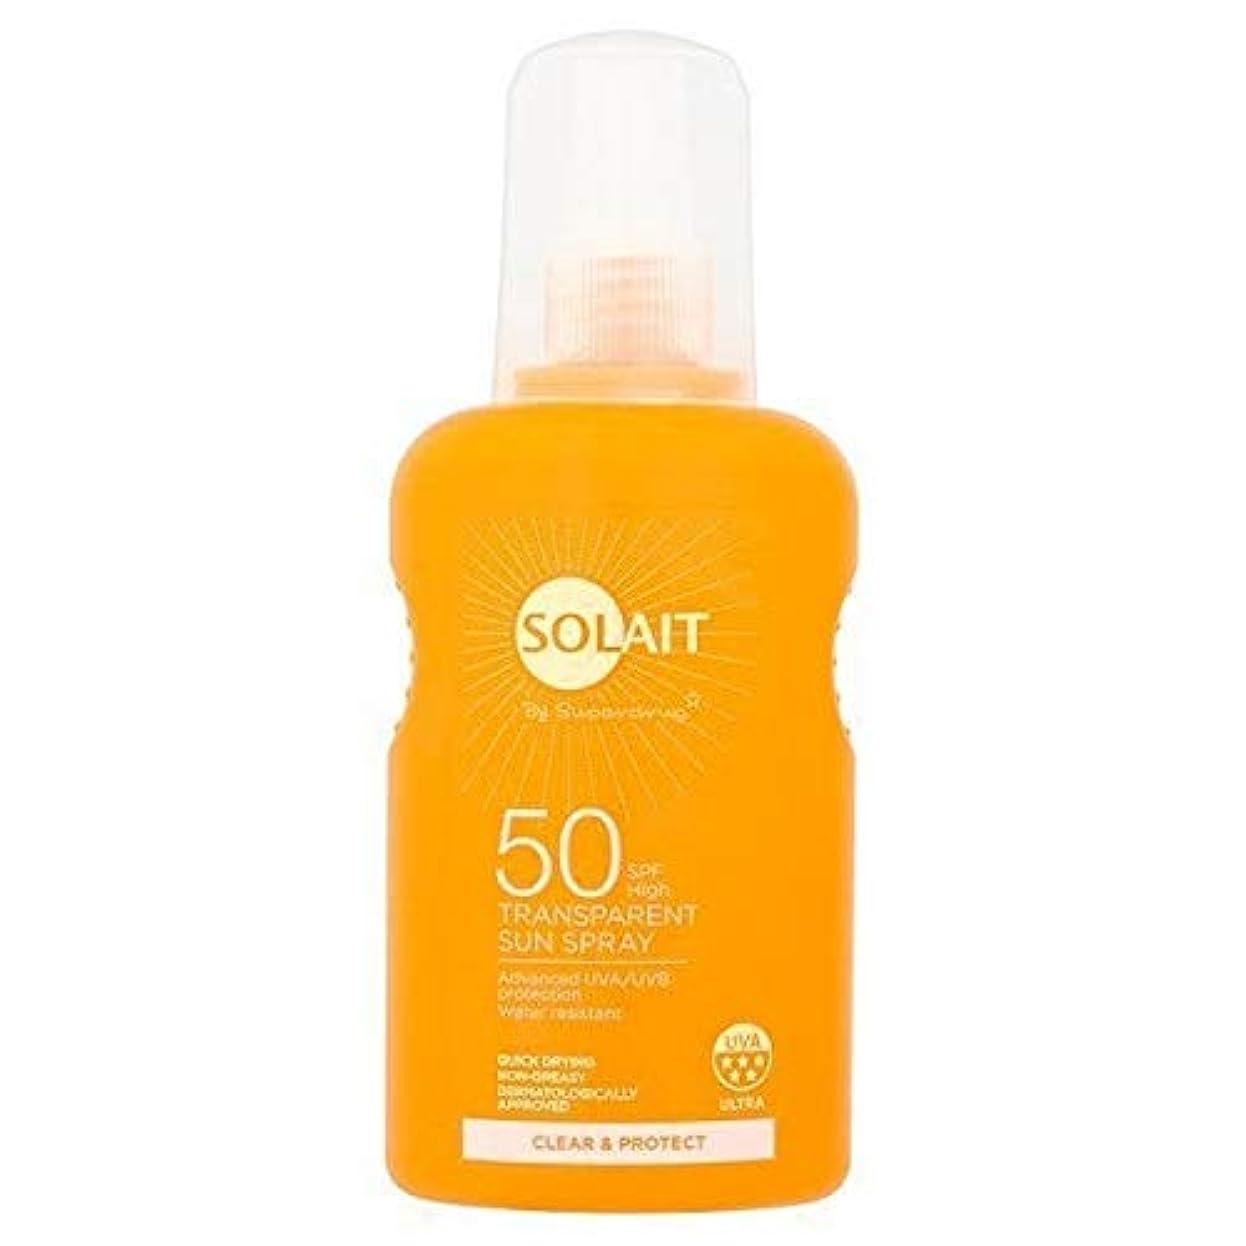 毒液とげのある光[Solait] 明確なSolait&透明日スプレーSpf50を保護 - Solait Clear & Protect Transparent Sun Spray SPF50 [並行輸入品]